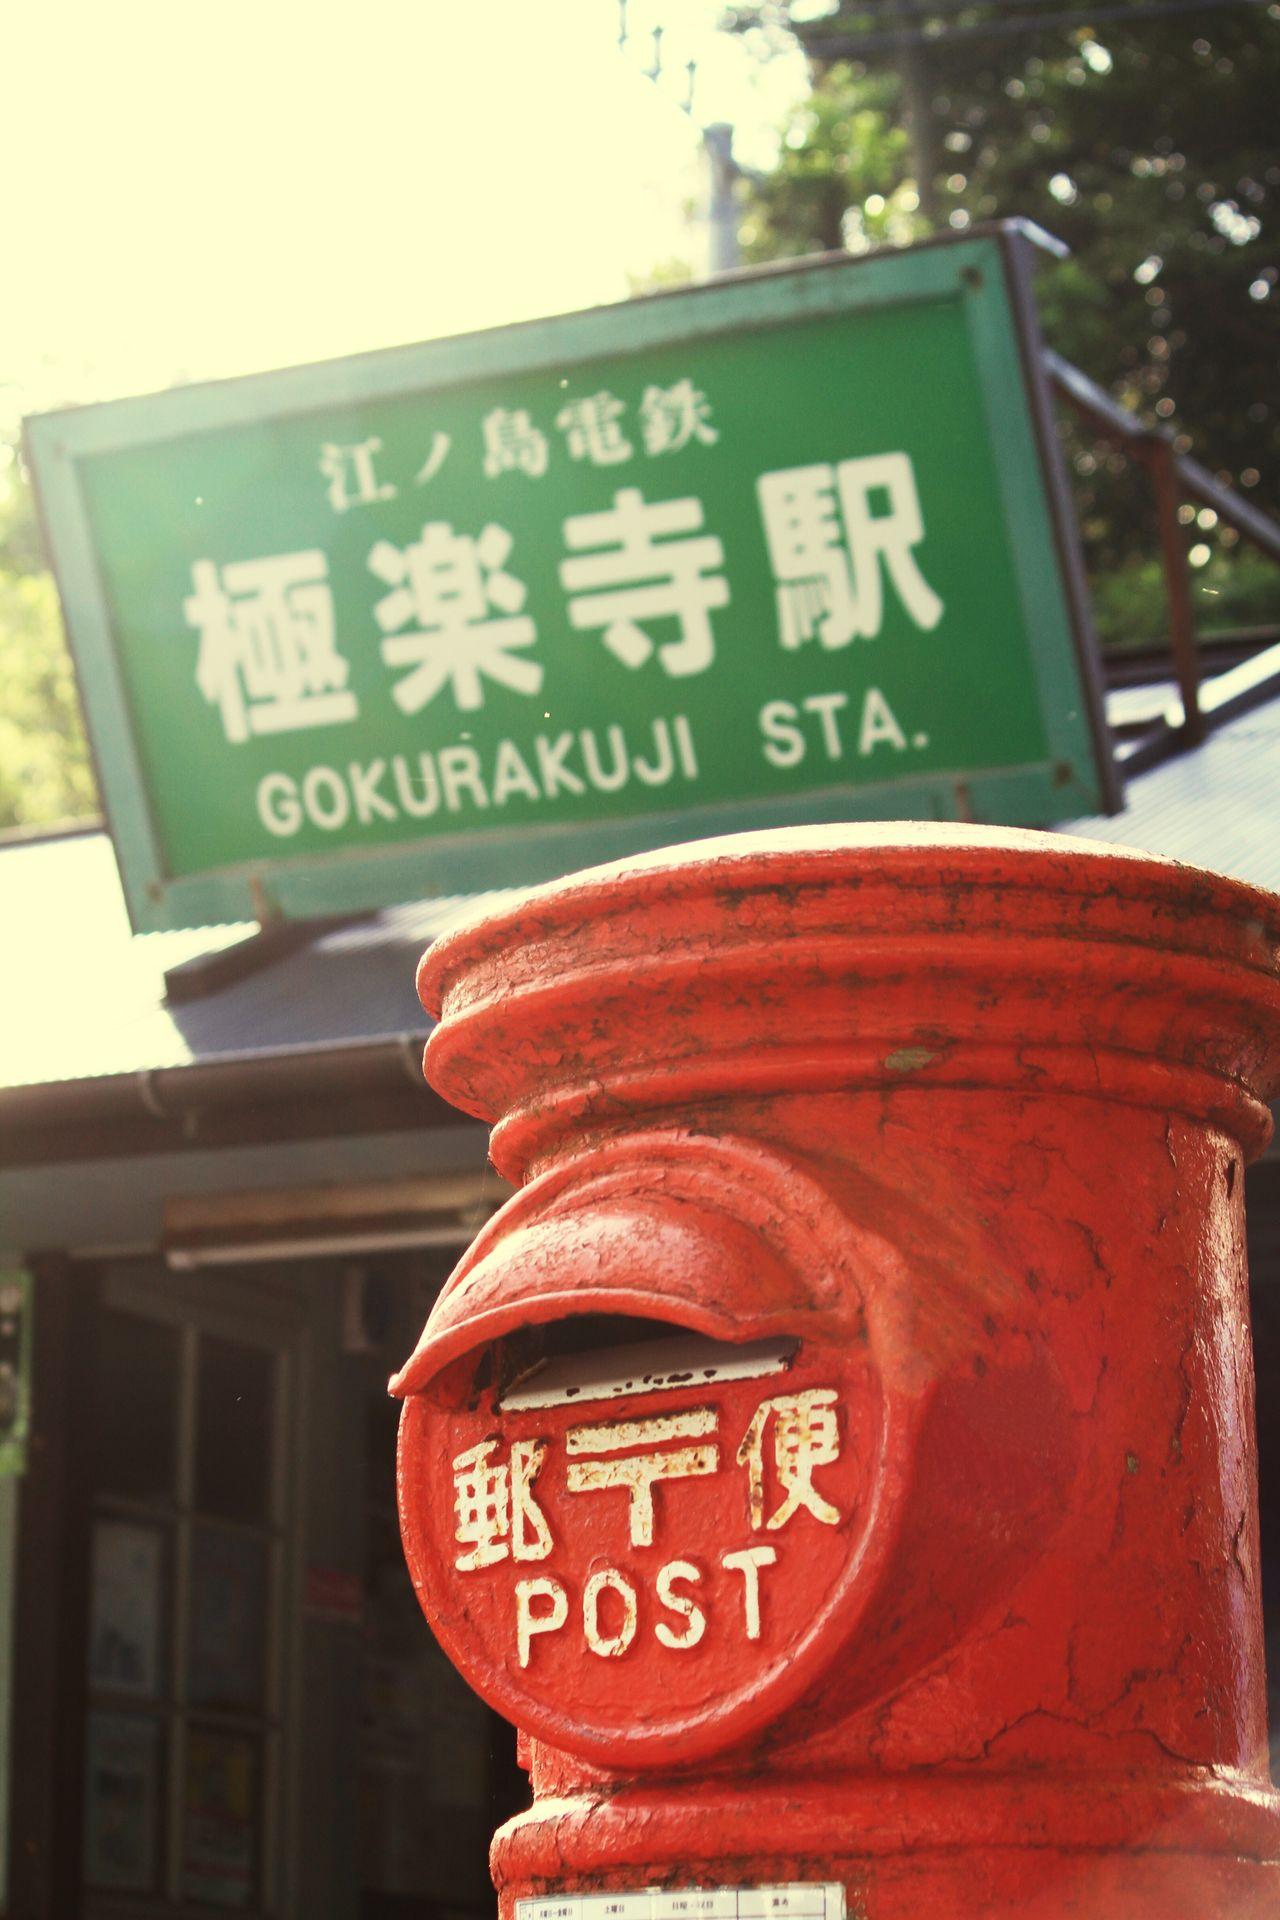 極楽寺駅前の丸ポスト…匂いは昭和 Enoden 江ノ電 Post 郵便 極楽寺駅